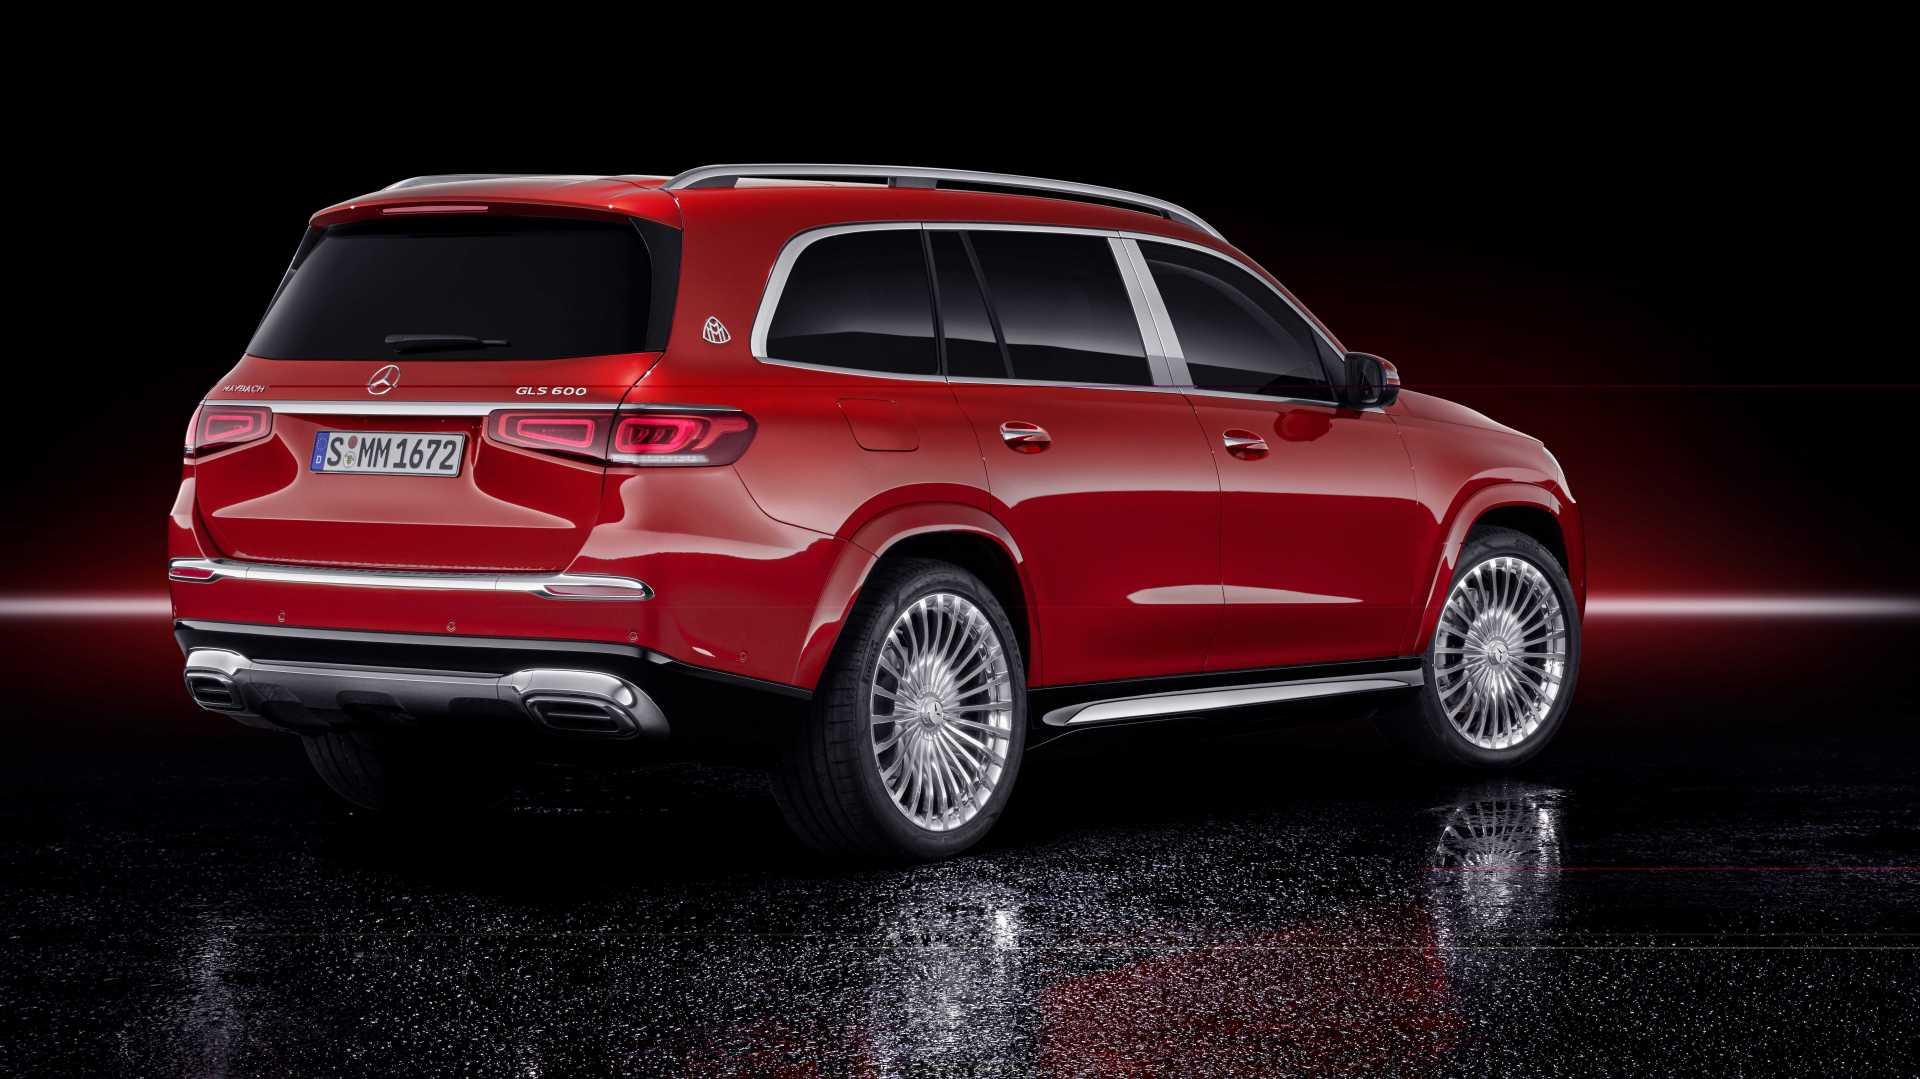 Mercedes-Maybach GLS arată ca un rival serios pentru Rolls-Royce Cullinan și Bentley Bentayga